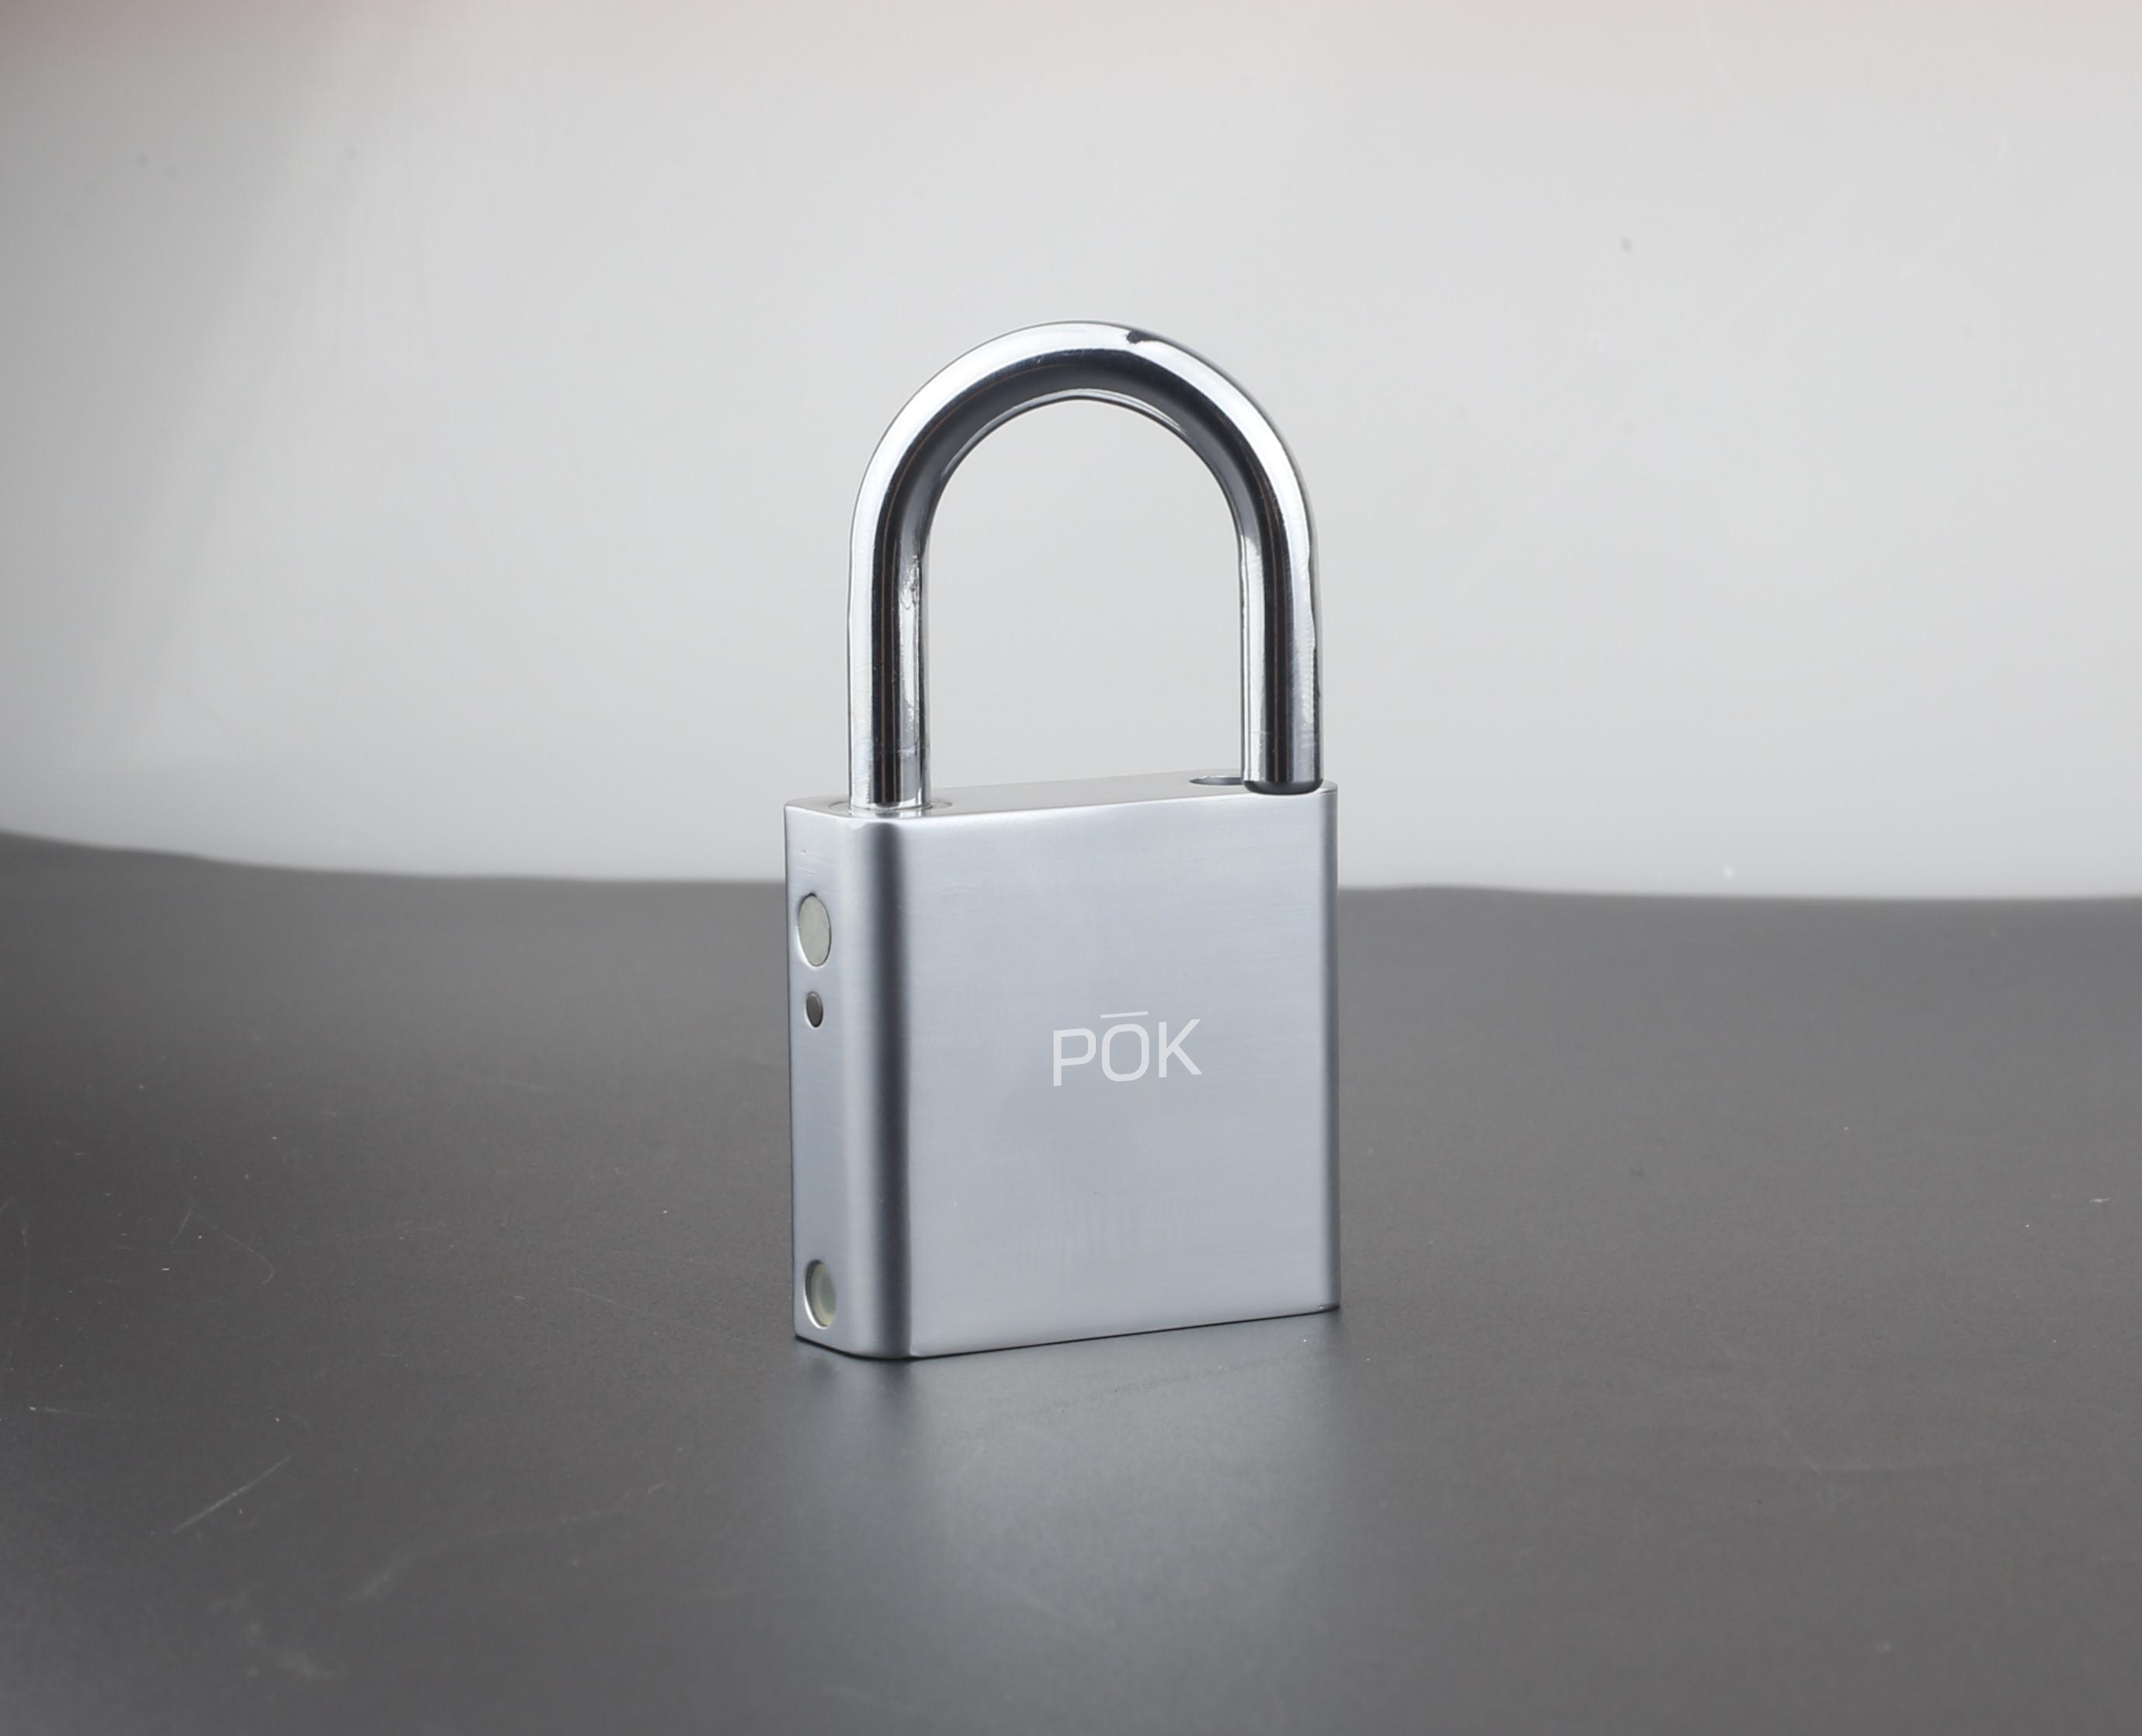 Ổ khóa thông minh Neo POK2